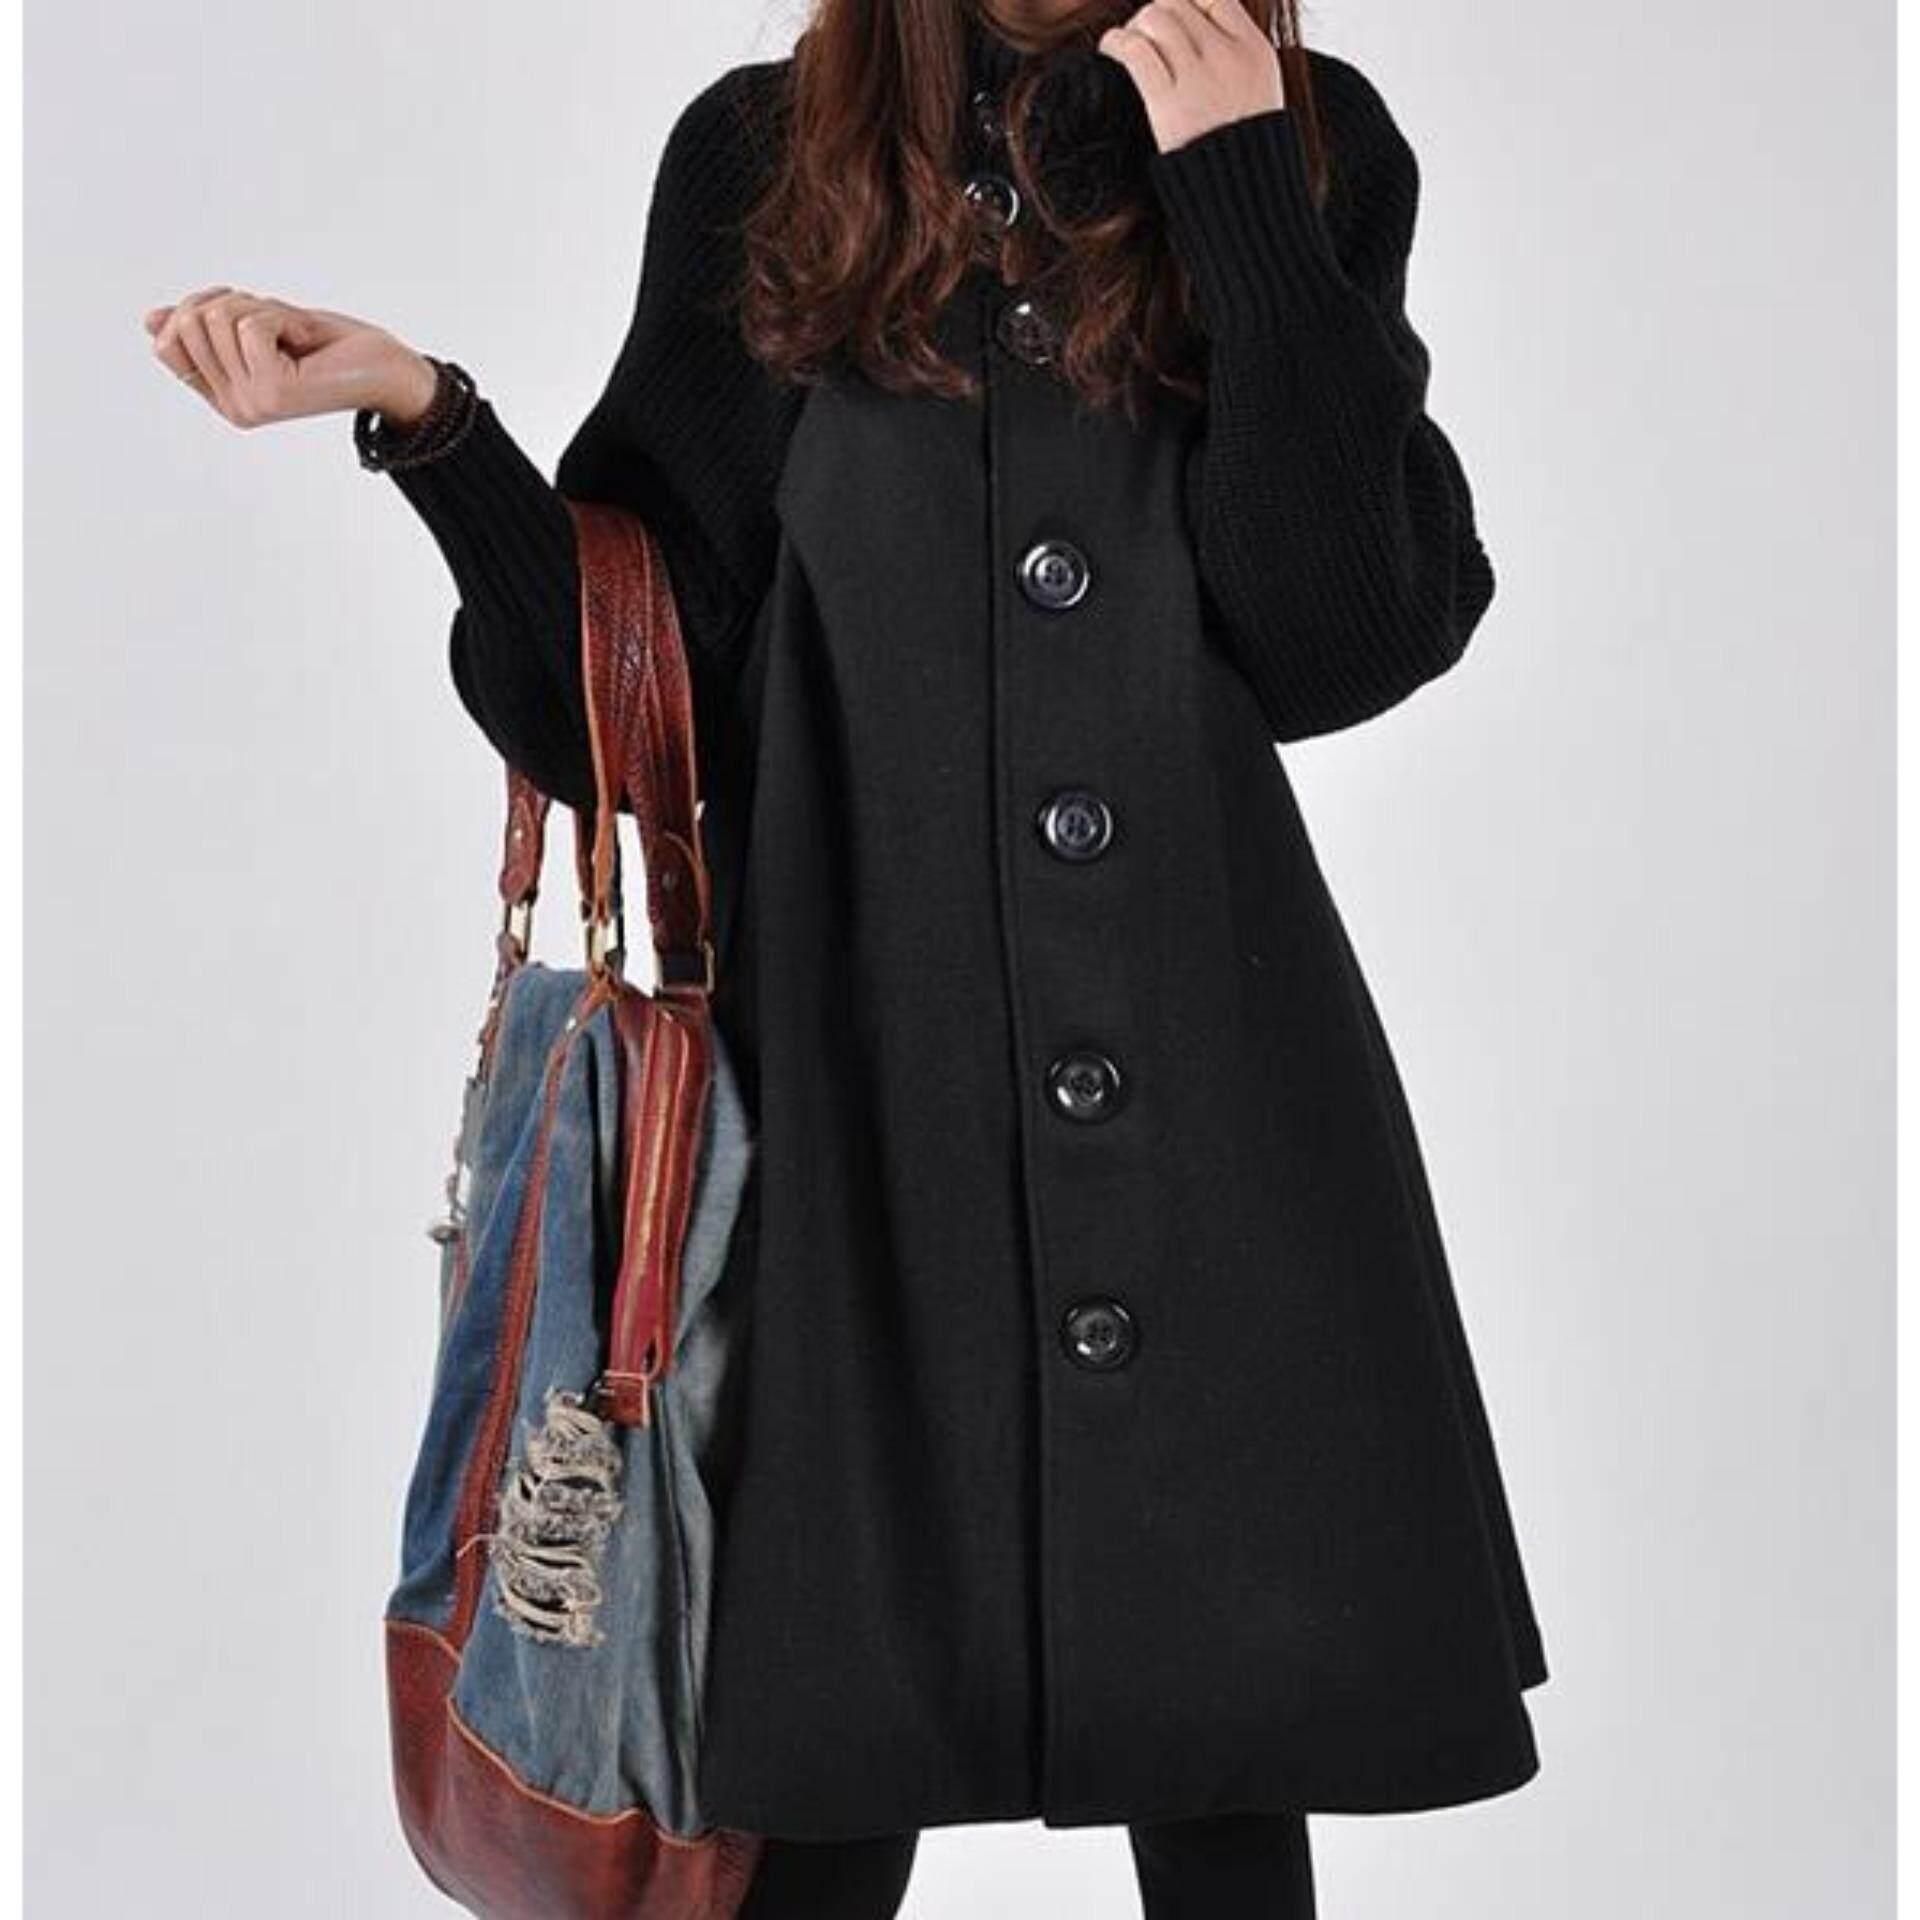 ขาย Korean Fashion Women Plus Loose Wool Jackets Coats Autumn Winter G*rl Lady Plus Cape Coat Overcoat Casual Button Jacket Intl ถูก จีน